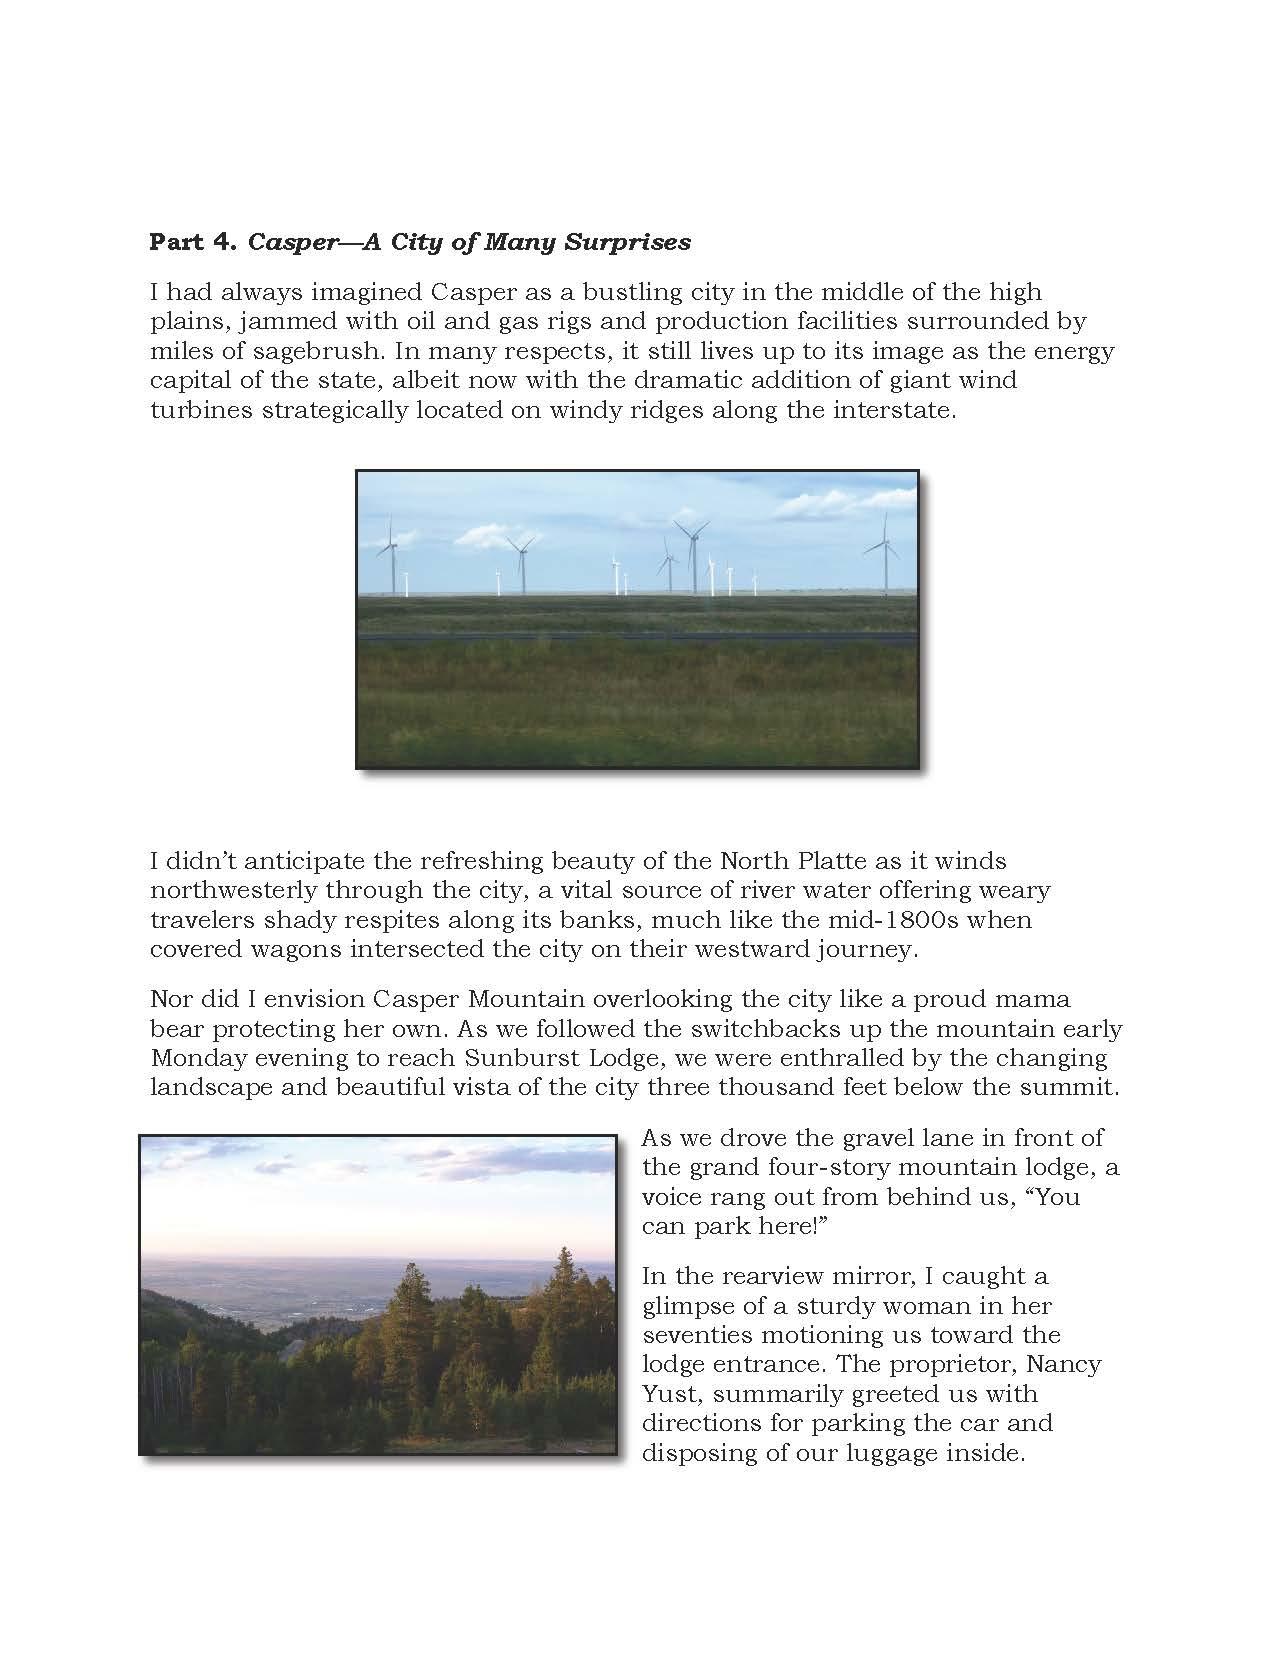 wyoming-book-tour-master-rev-10-23-16-1_page_06